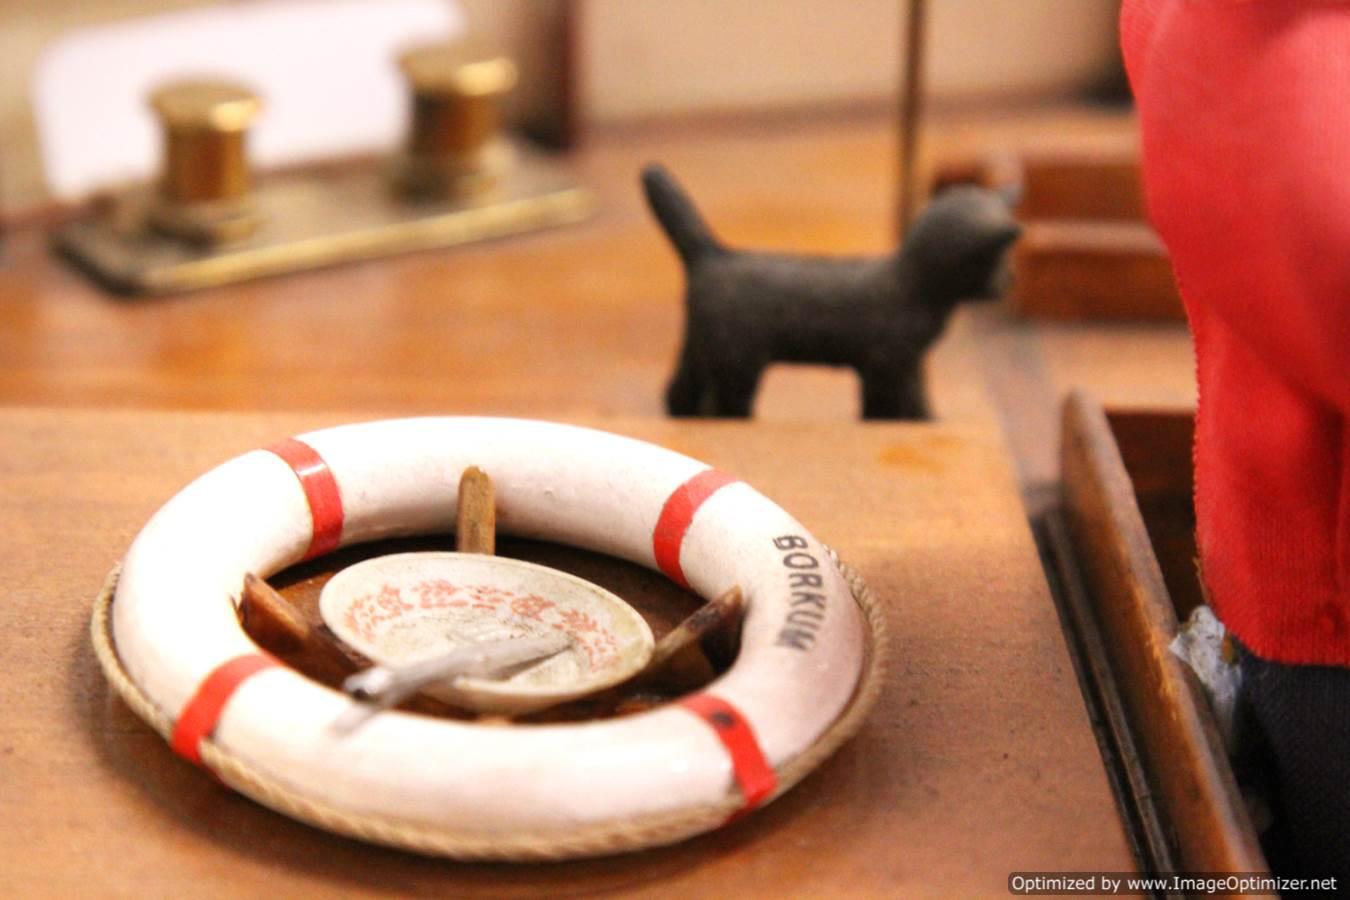 test bockrum-cheddar-steam-boat-live-steam-model-for-sale-09-optimized